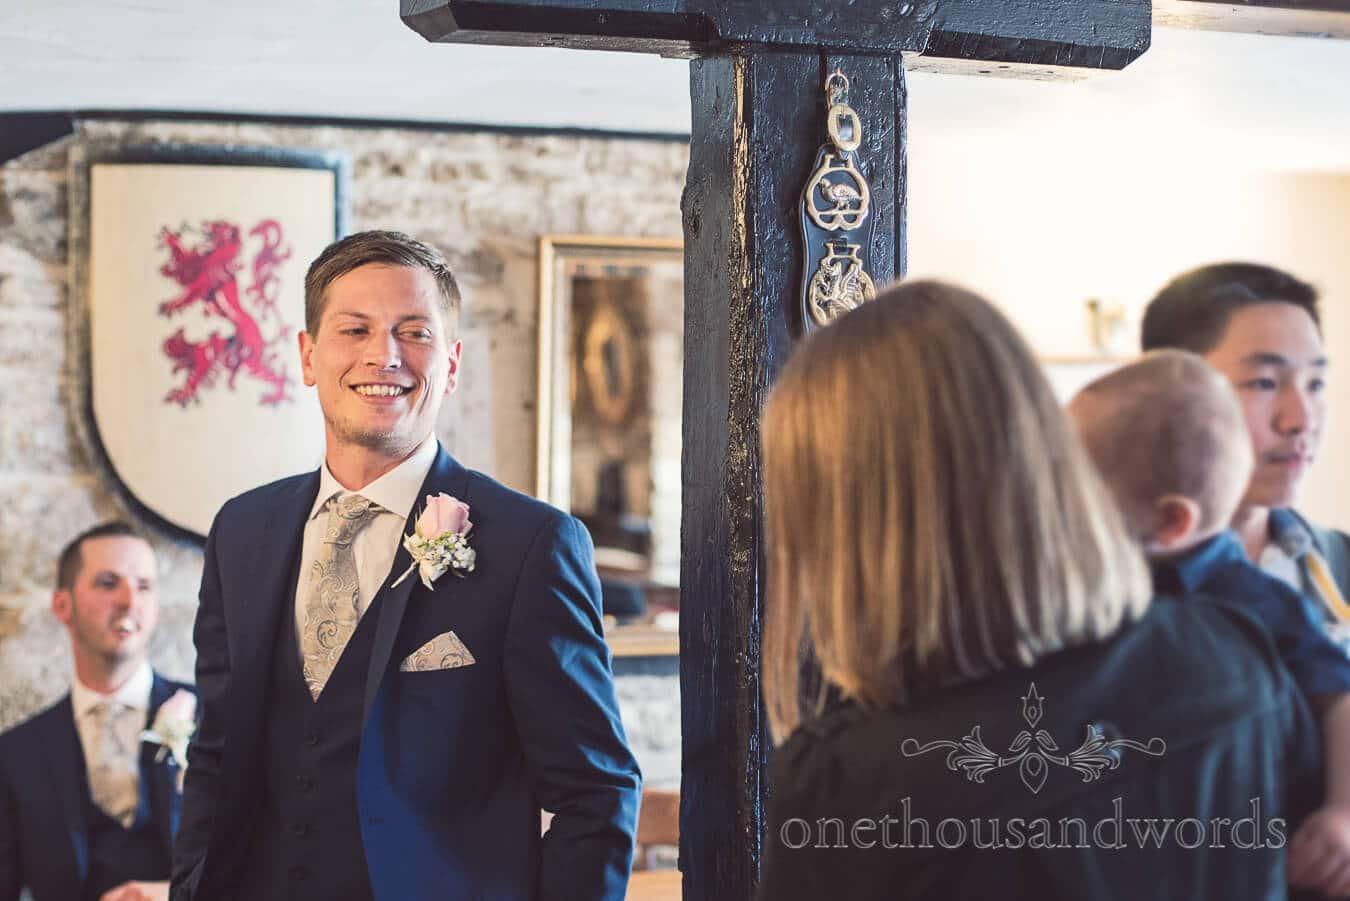 Groom smiles in pub before wedding